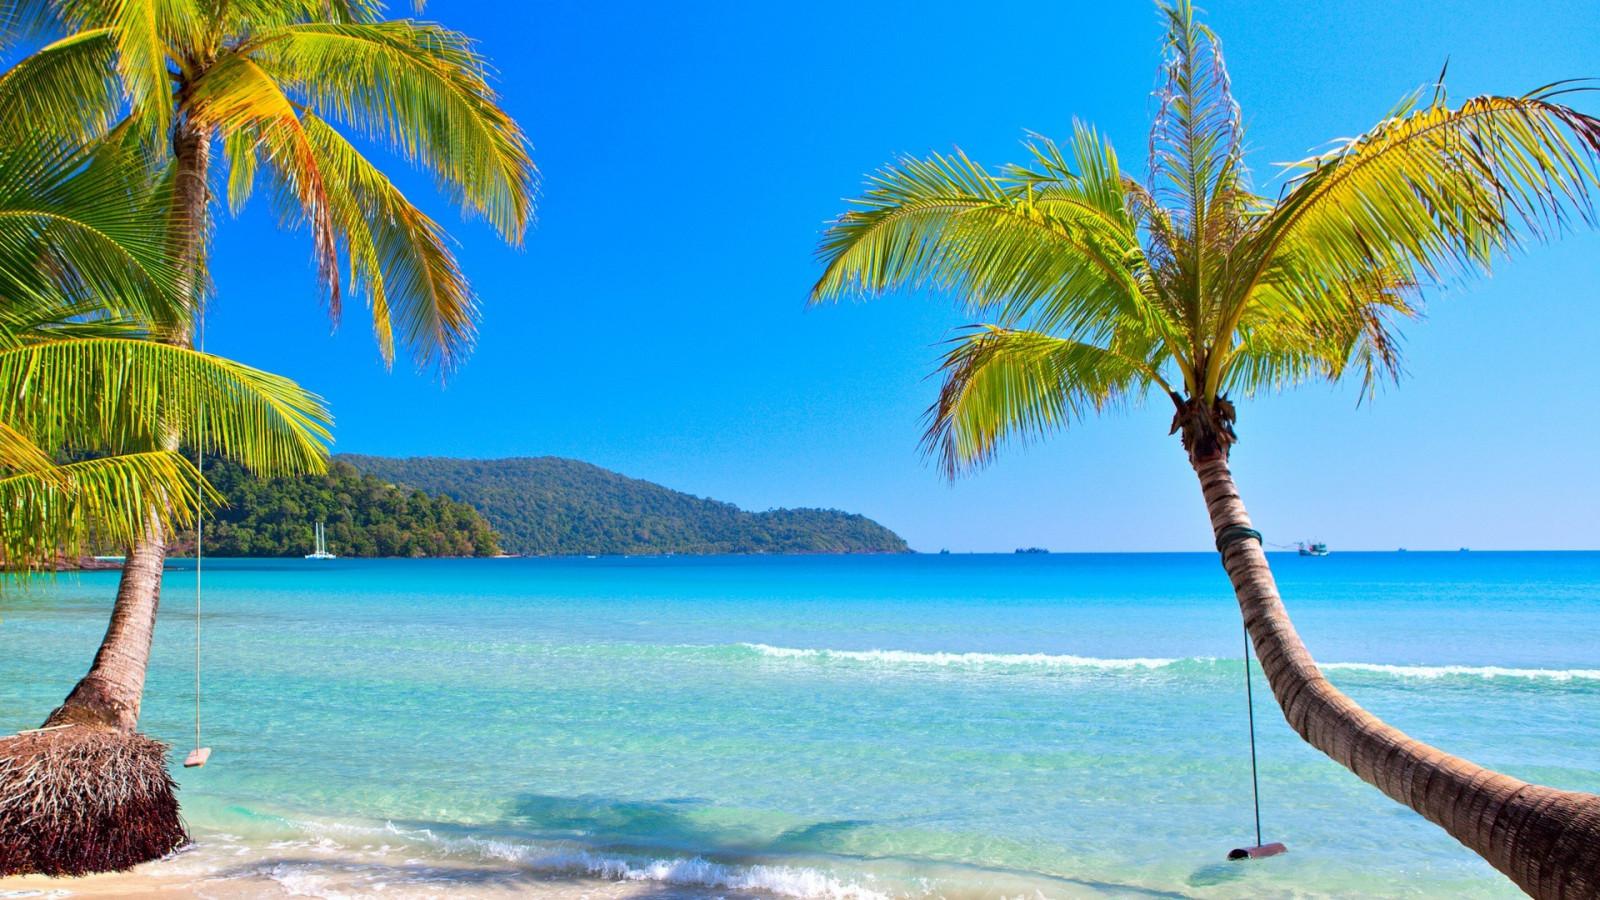 Fond d'écran : mer, baie, rive, plage, côte, île, lagune ...